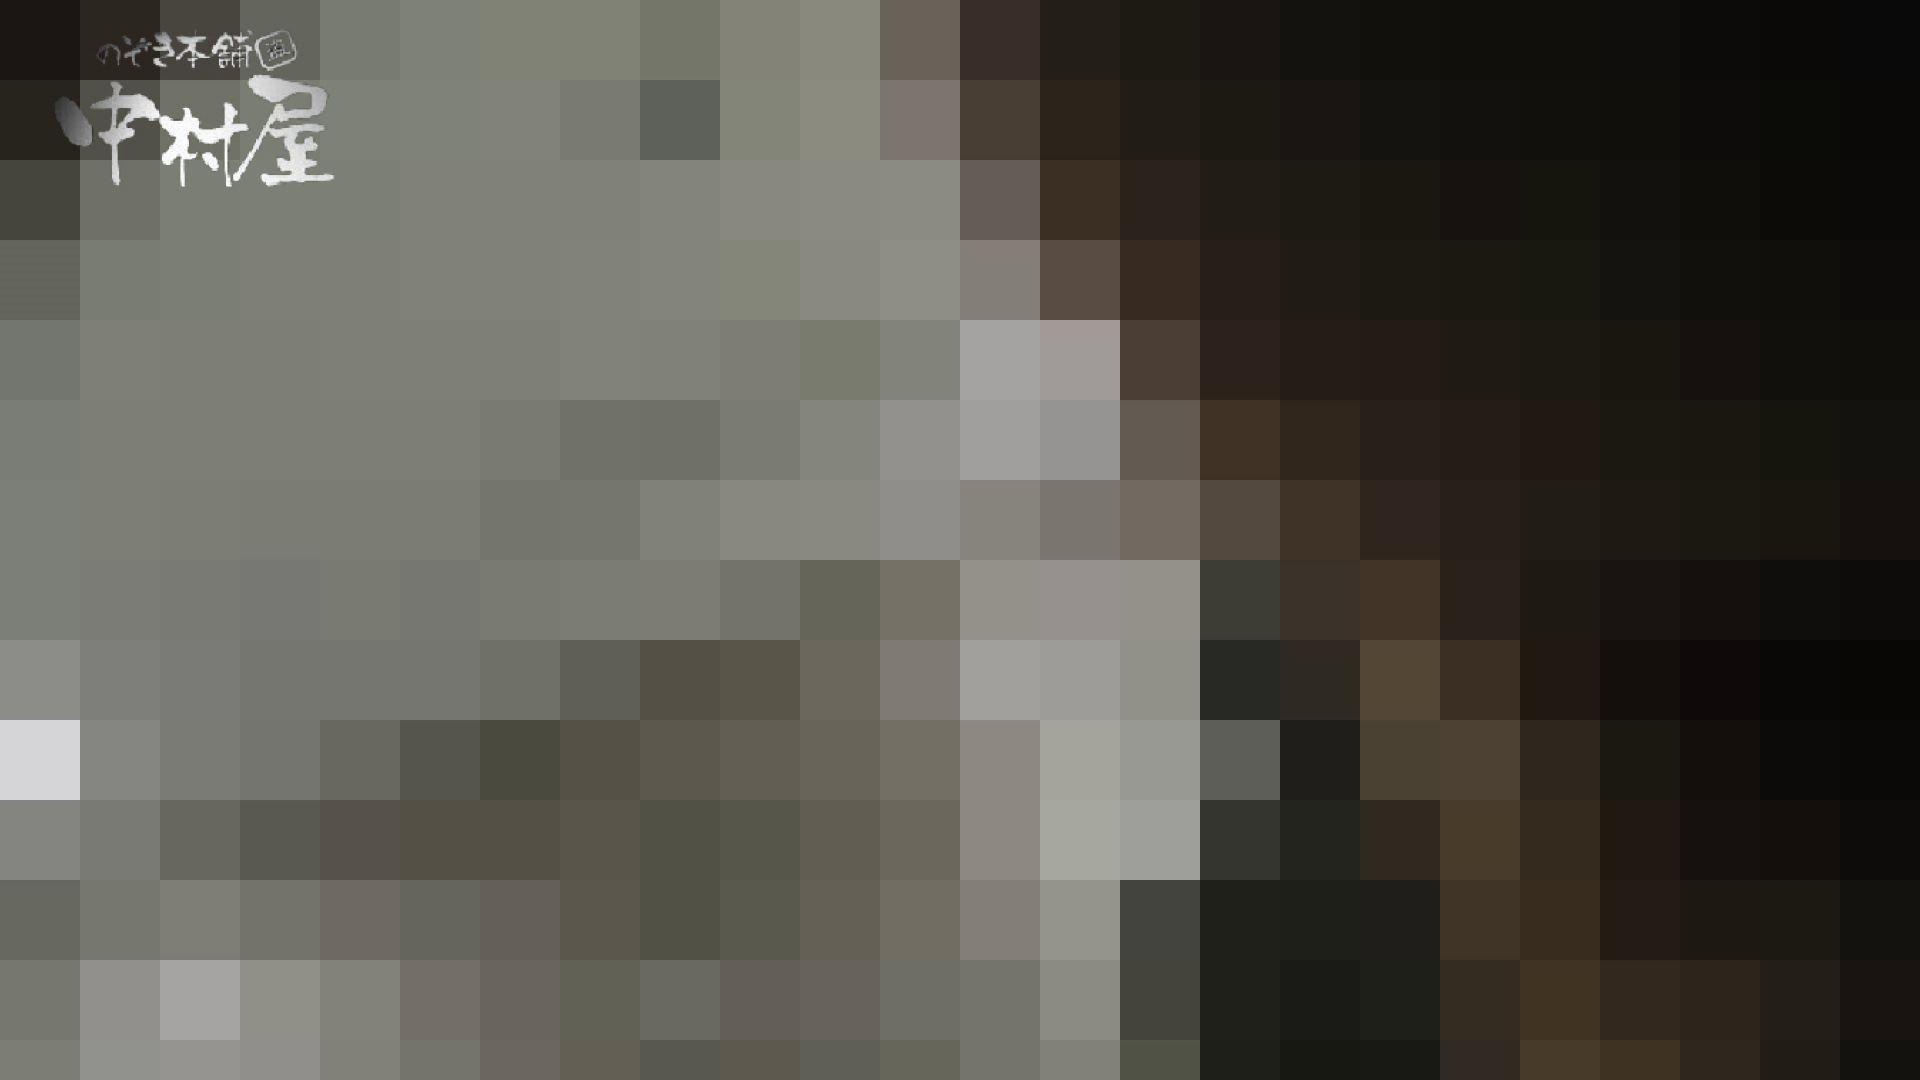 【世界の射窓から】世界の射窓から vol.18後編 0  88pic 84